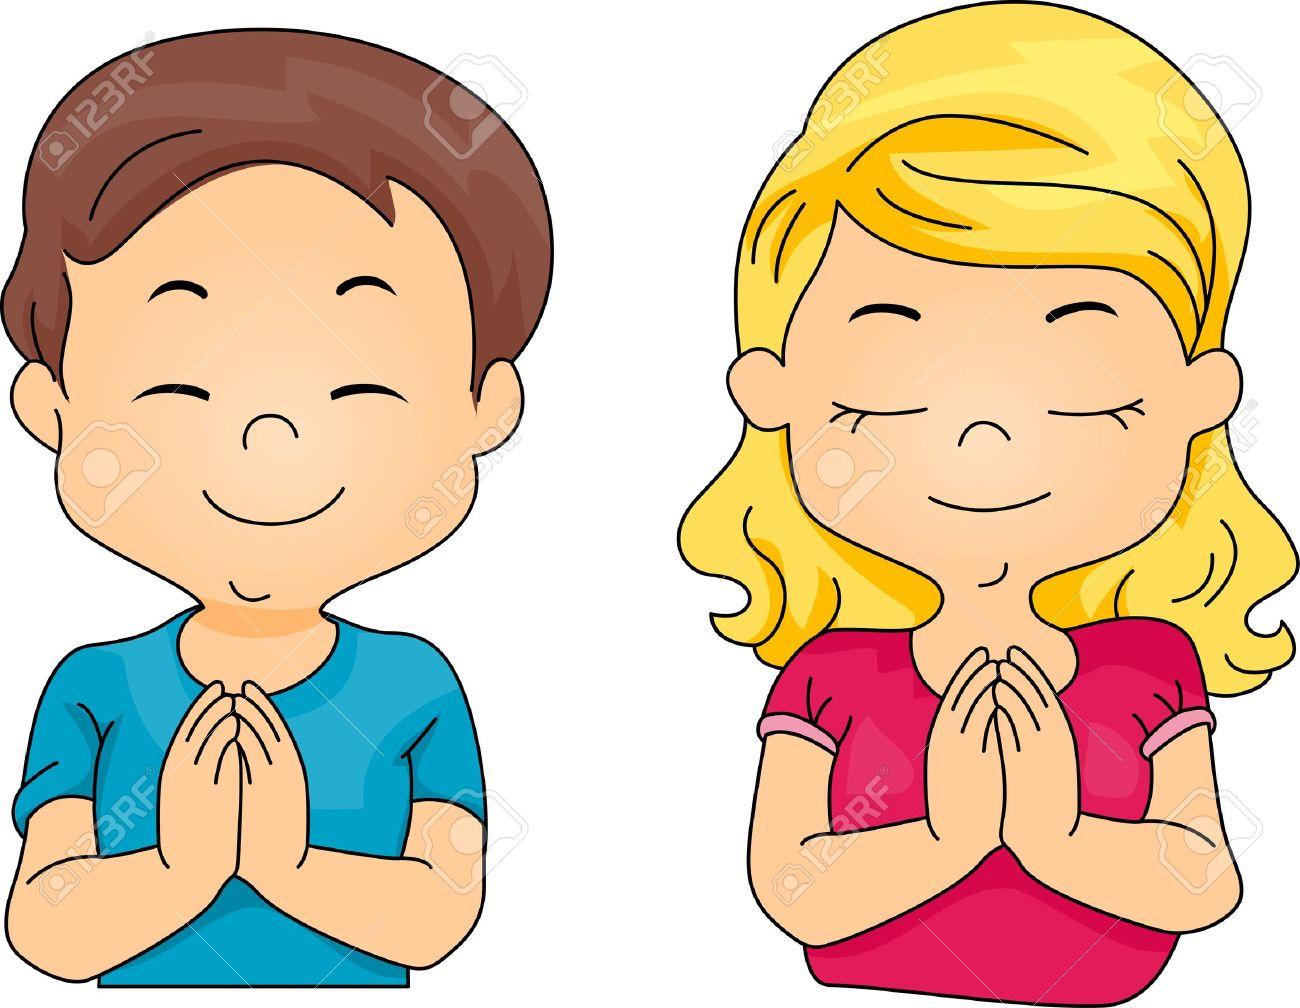 Kids Praying Clipart | Free download best Kids Praying ...